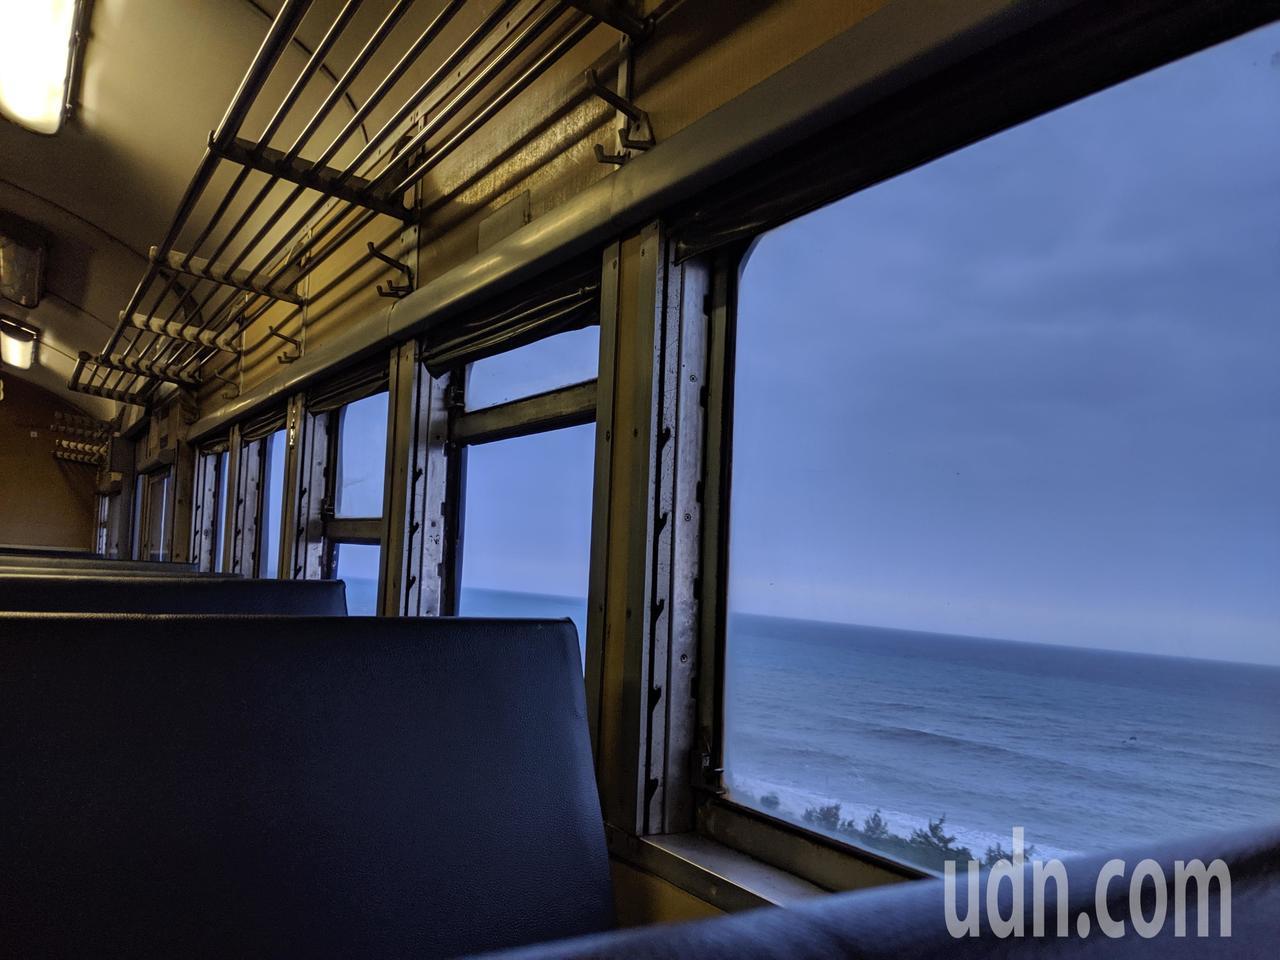 搭乘往枋寮方向的普快,建議坐左側位子,可開窗欣賞海景。記者楊德宜/攝影